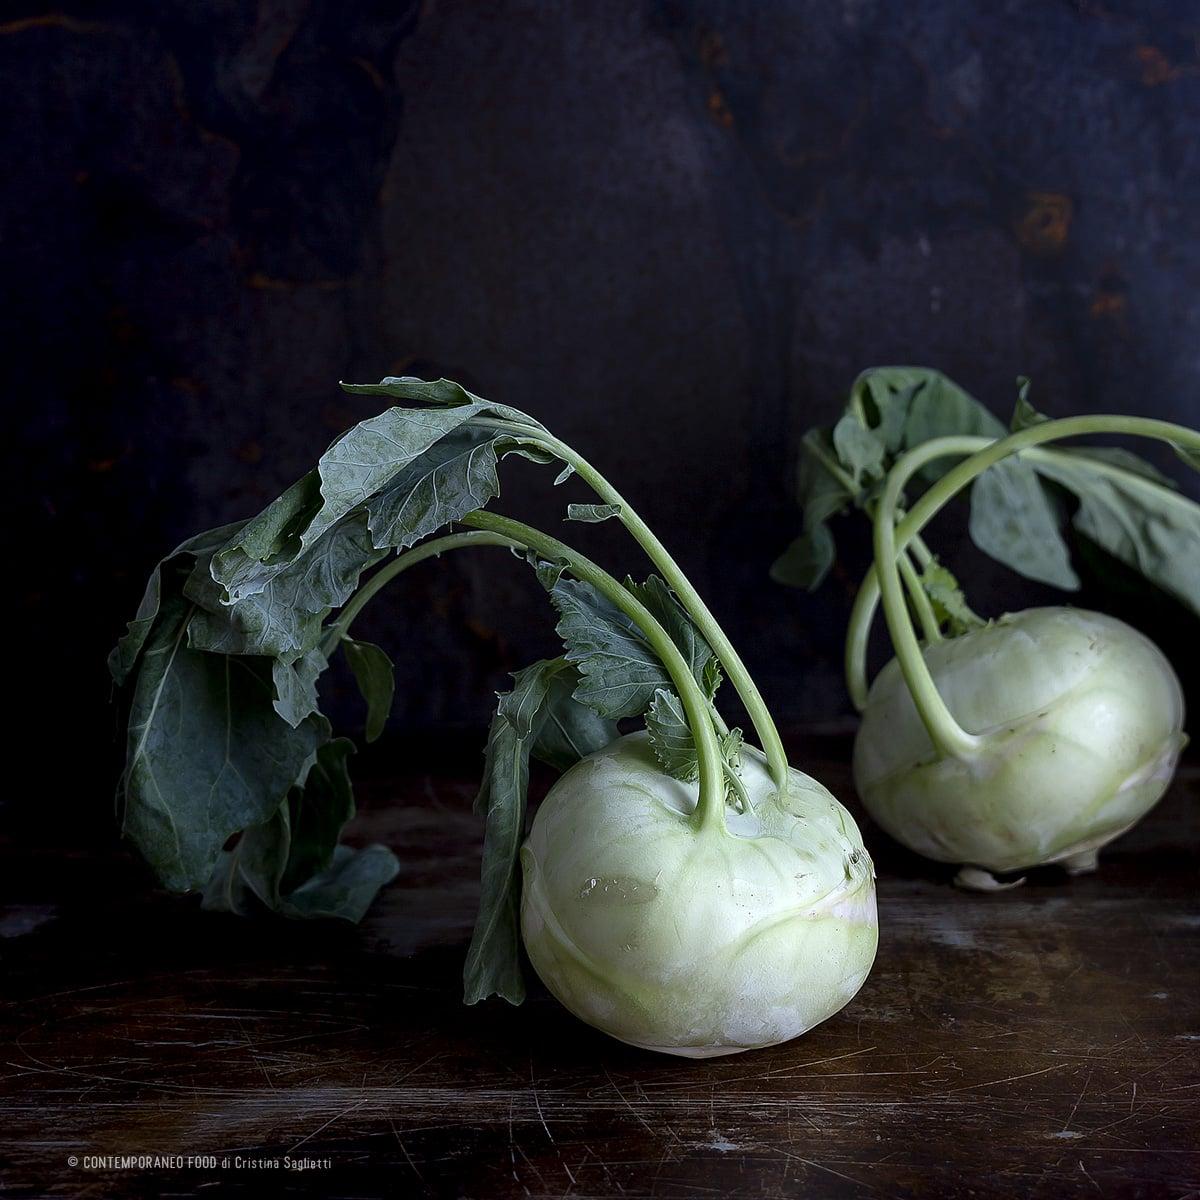 cavolo-rapa-mela-verde-in-carpaccio-con-noci-sciroppo-melograno-ricetta-light-dieta-ricette-vegetariane-contemporaneo-food